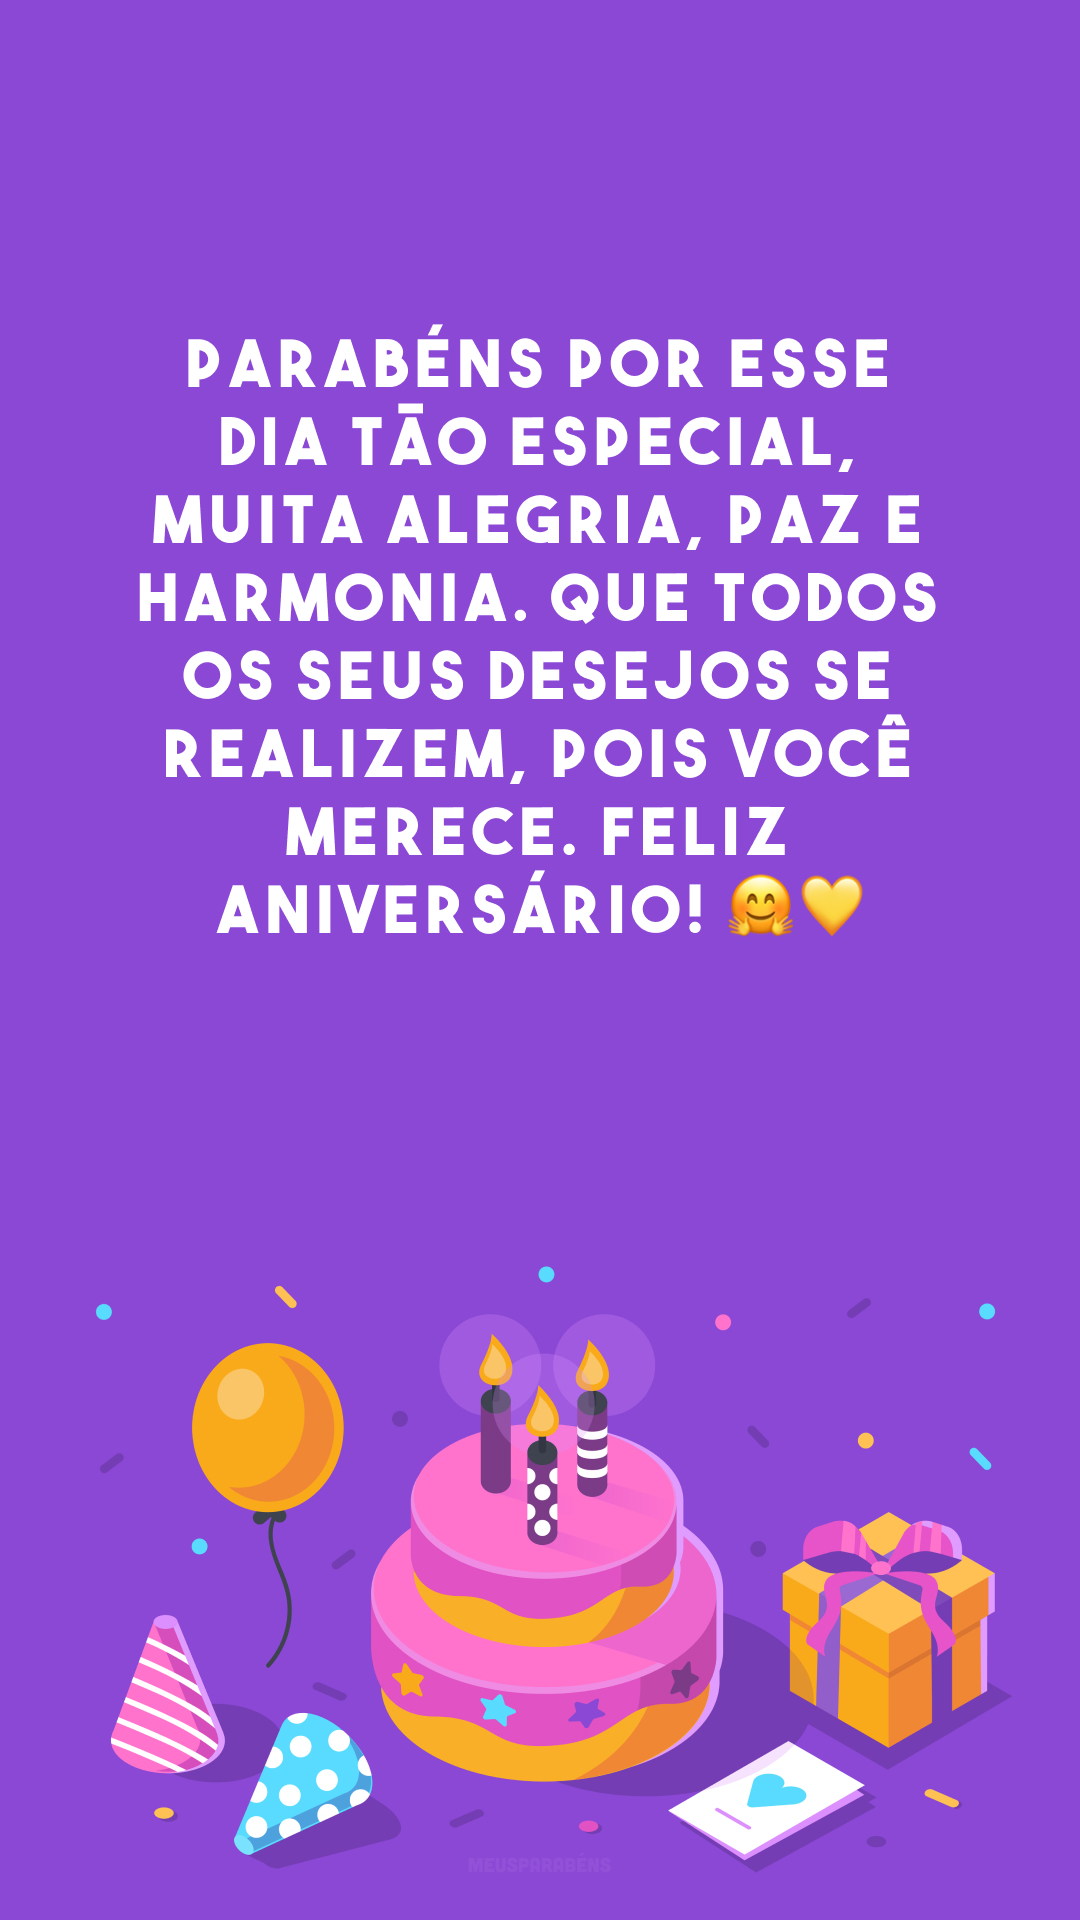 Parabéns por esse dia tão especial, muita alegria, paz e harmonia. Que todos os seus desejos se realizem, pois você merece. Feliz aniversário! 🤗💛